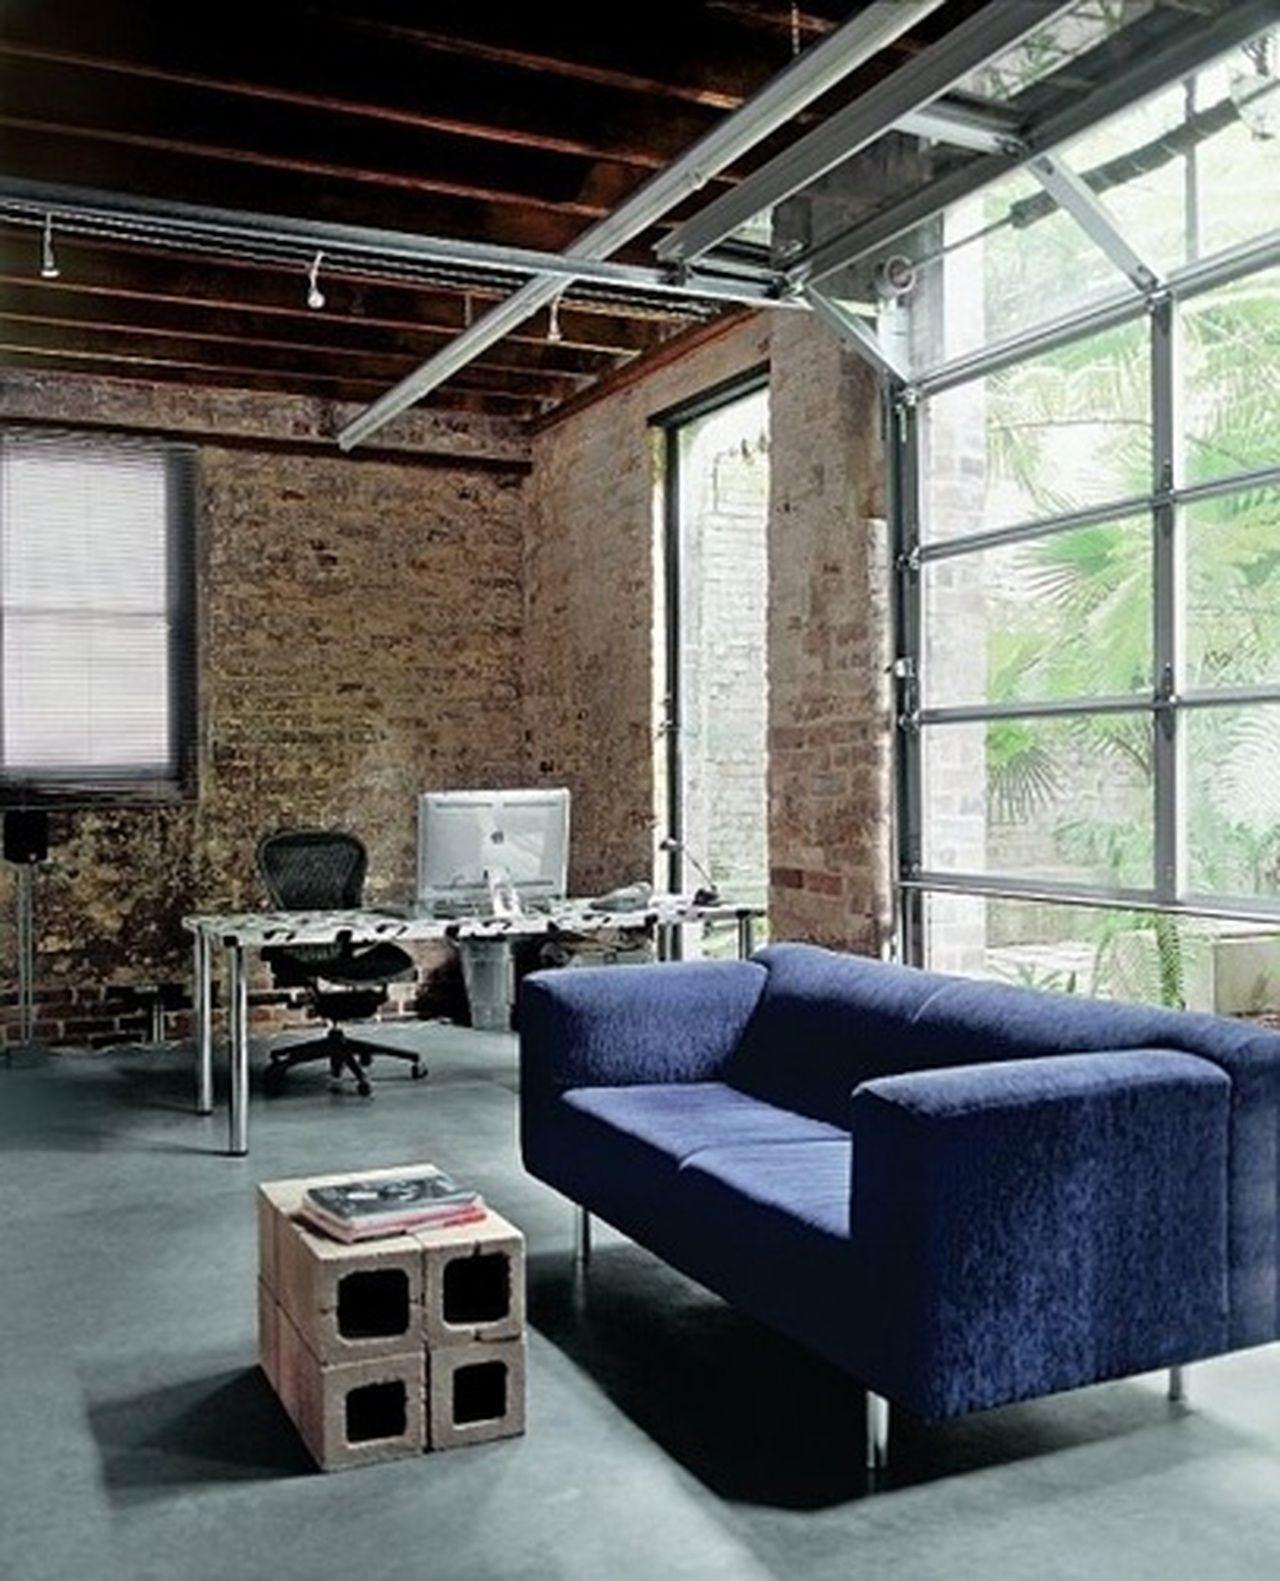 Loft bedroom windows  LIVING ROOM  loft space w garage door windows  Home Inspiring